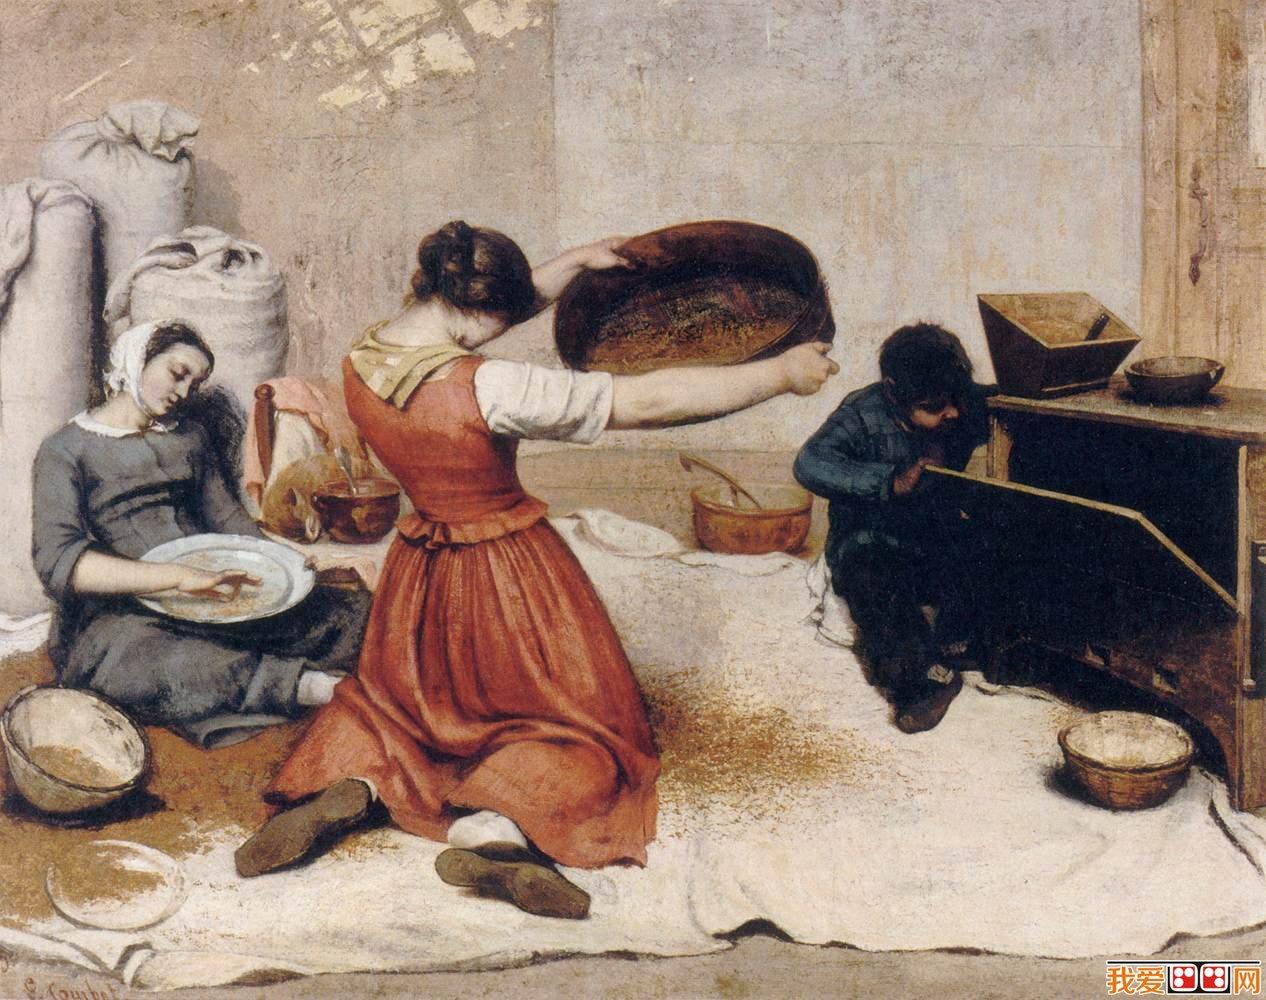 法国写实主义画家居斯塔夫·库尔贝作品赏析(2)